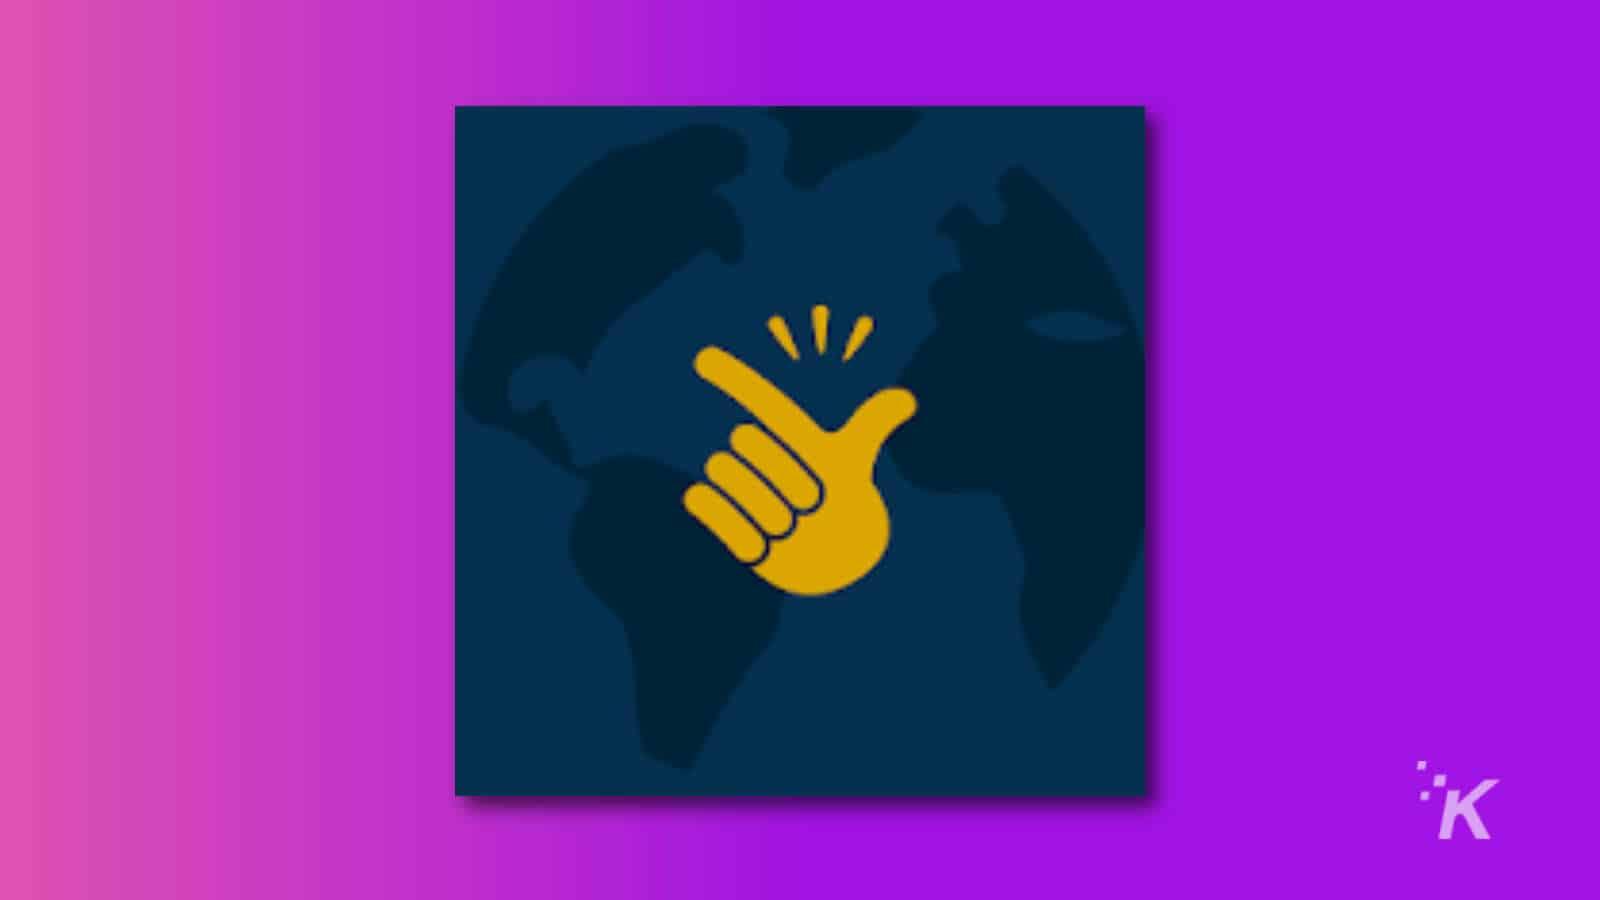 snap search logo